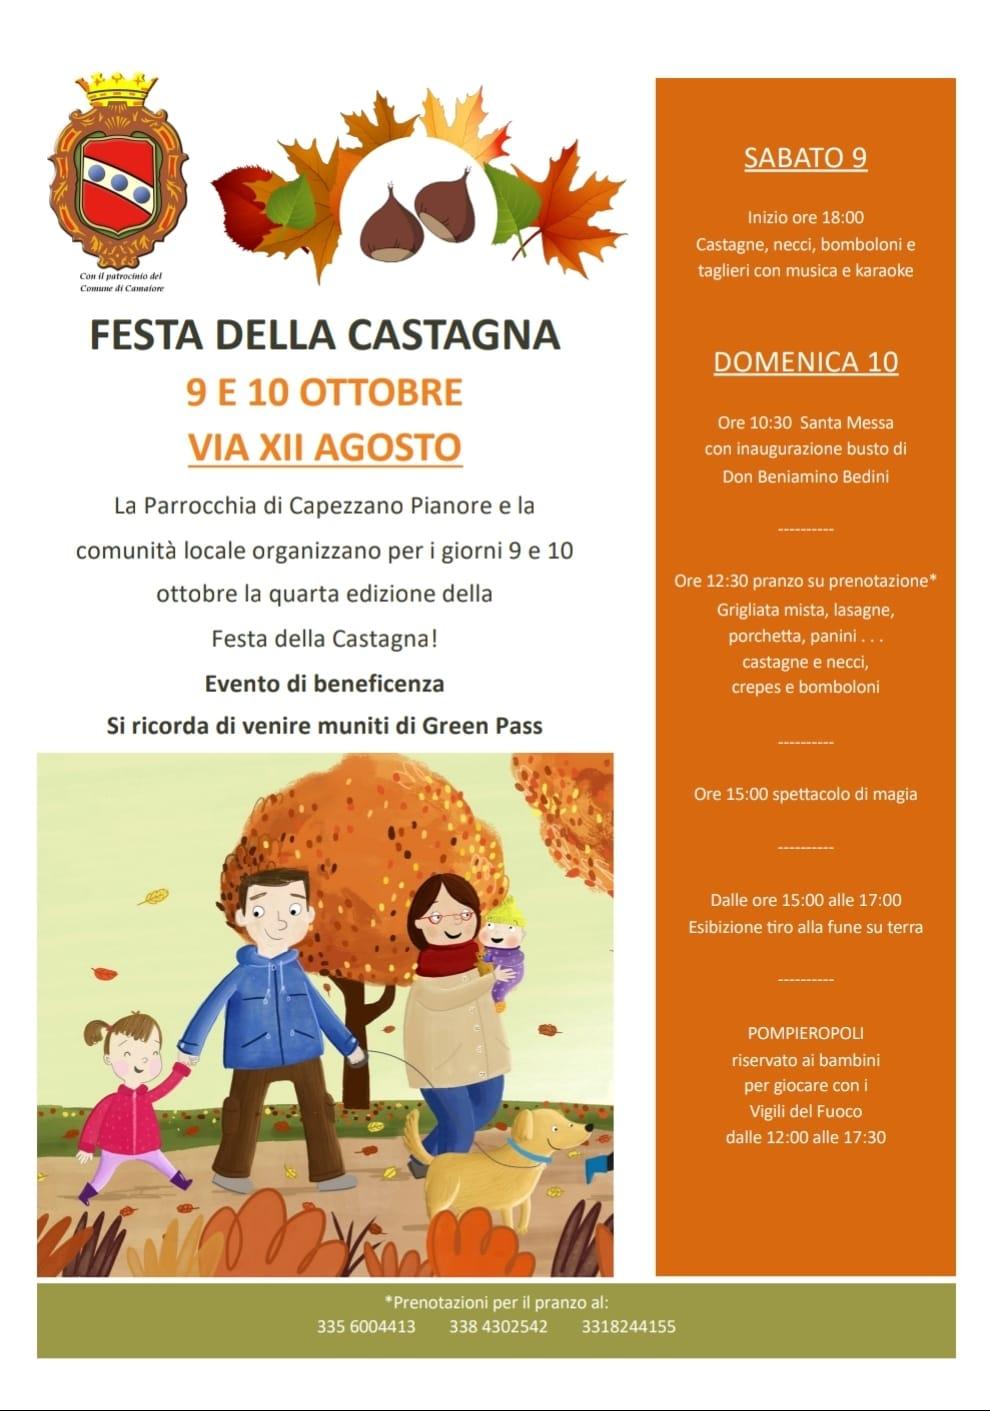 Festa della Castagna a Capezzano Pianore il 9 e 10 ottobre